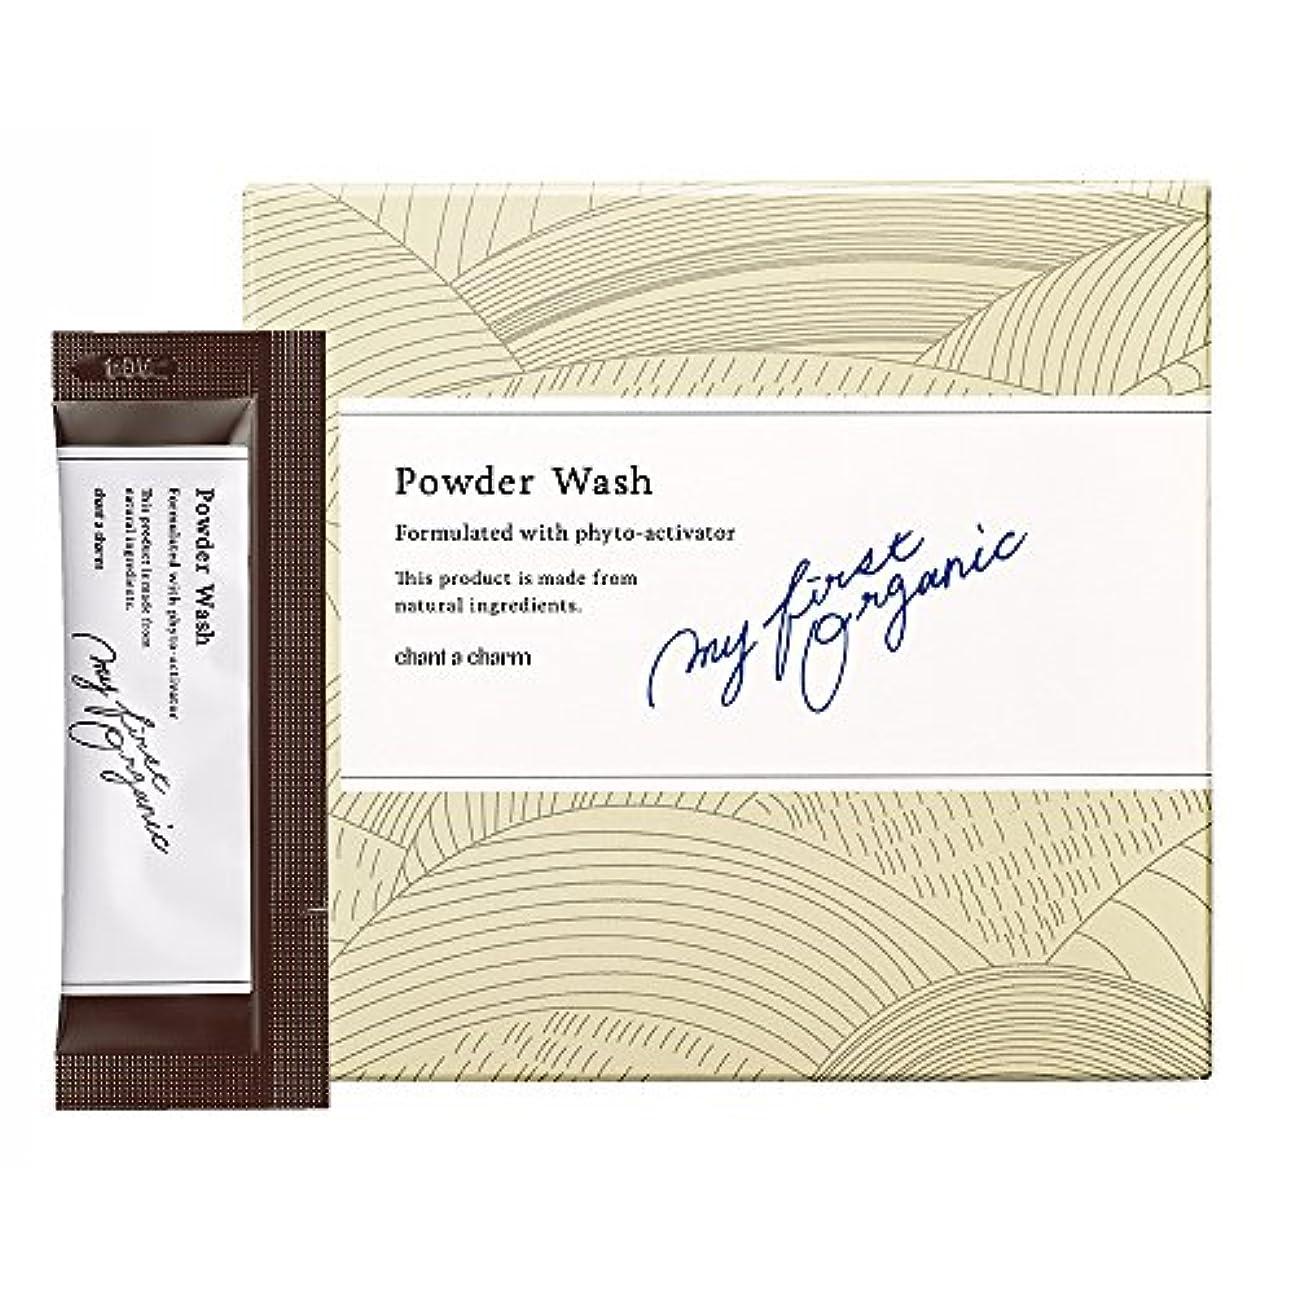 ピケ委員会一人でチャントアチャーム パウダーウォッシュ ニキビ肌用酵素洗顔 医薬部外品